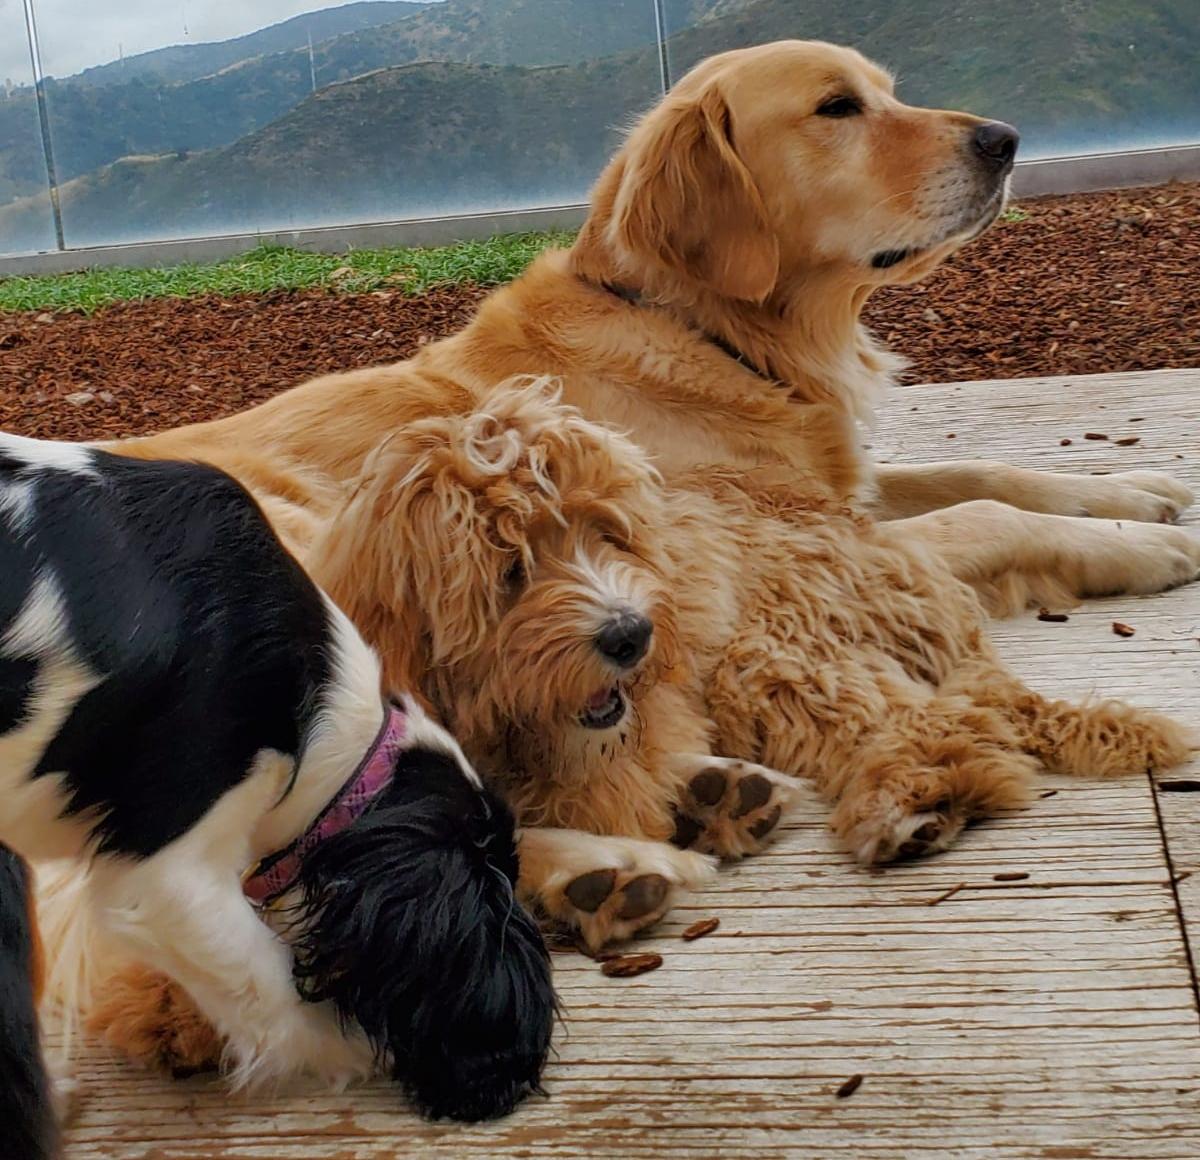 Meet the celebrity dog trainer putting man's best friend